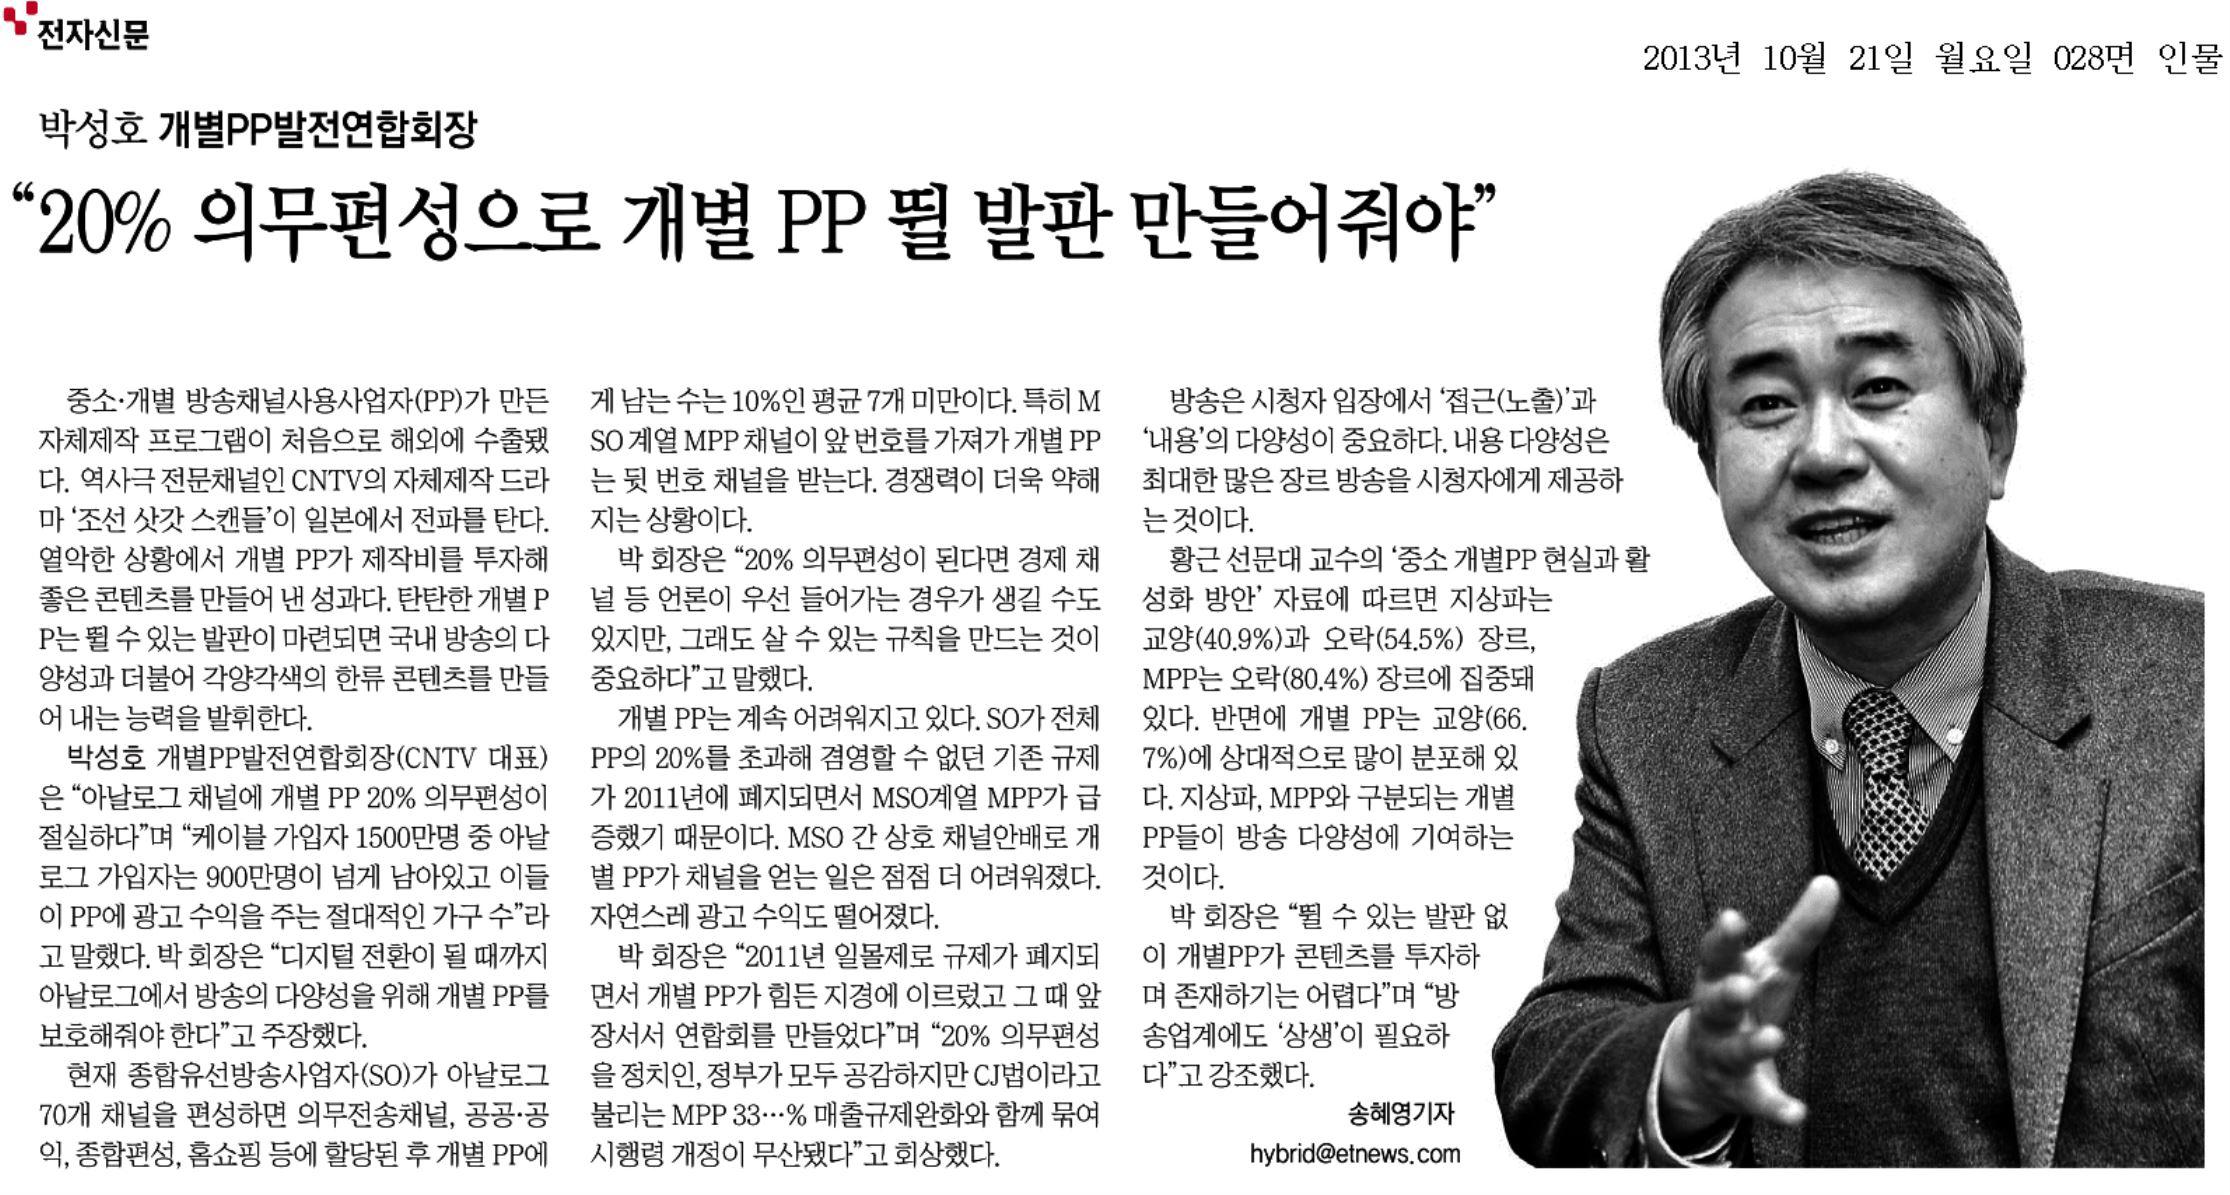 전자신문_박성호 대표.jpg